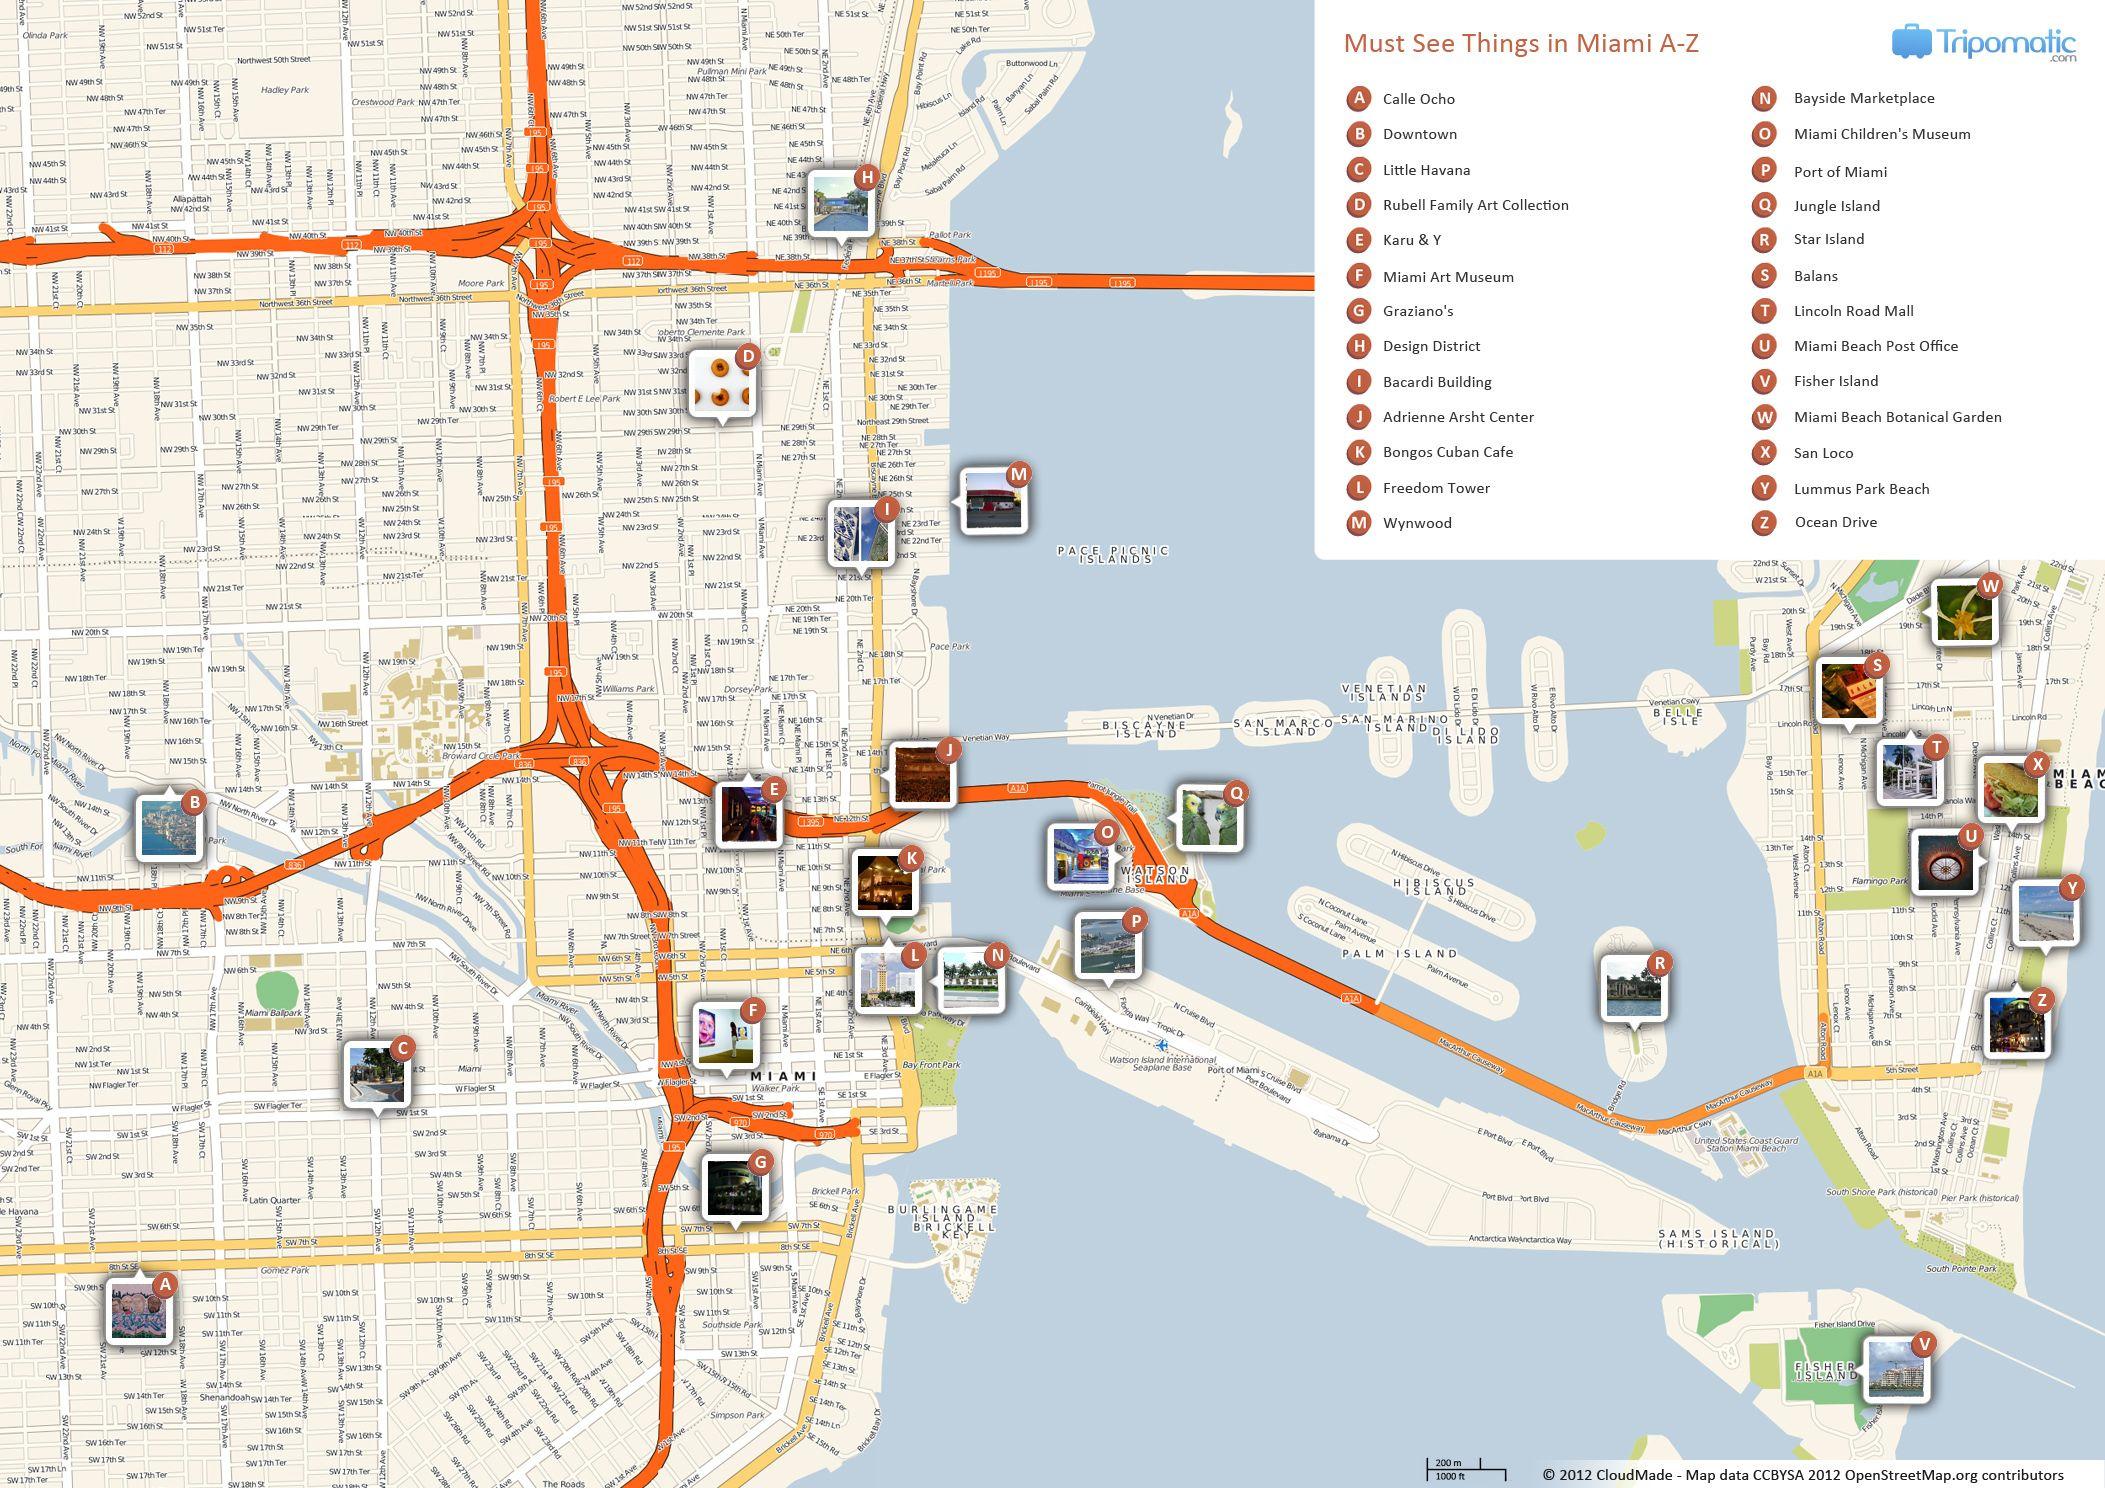 Miami Printable Tourist Map | Free Tourist Maps ✈ | Pinterest - Map Of Miami Florida And Surrounding Areas